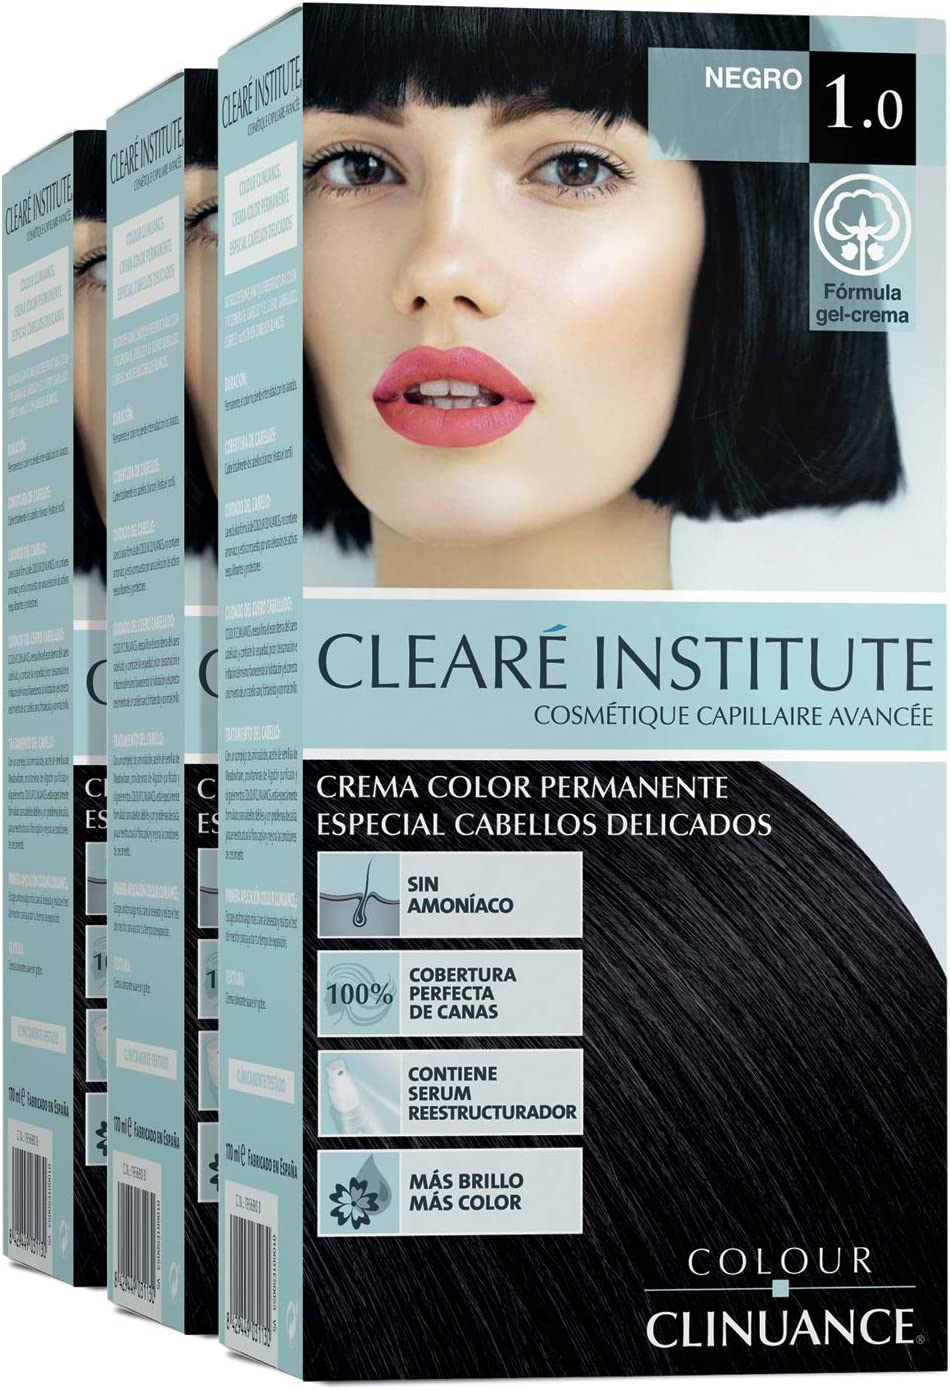 Colour Clinuance. Tinte Capilar Cabellos Delicados. 1.0 Negro, Coloración Permanente Sin Amoniaco, Más Brillo, Color Intenso, 100% Cobertura, Testado ...